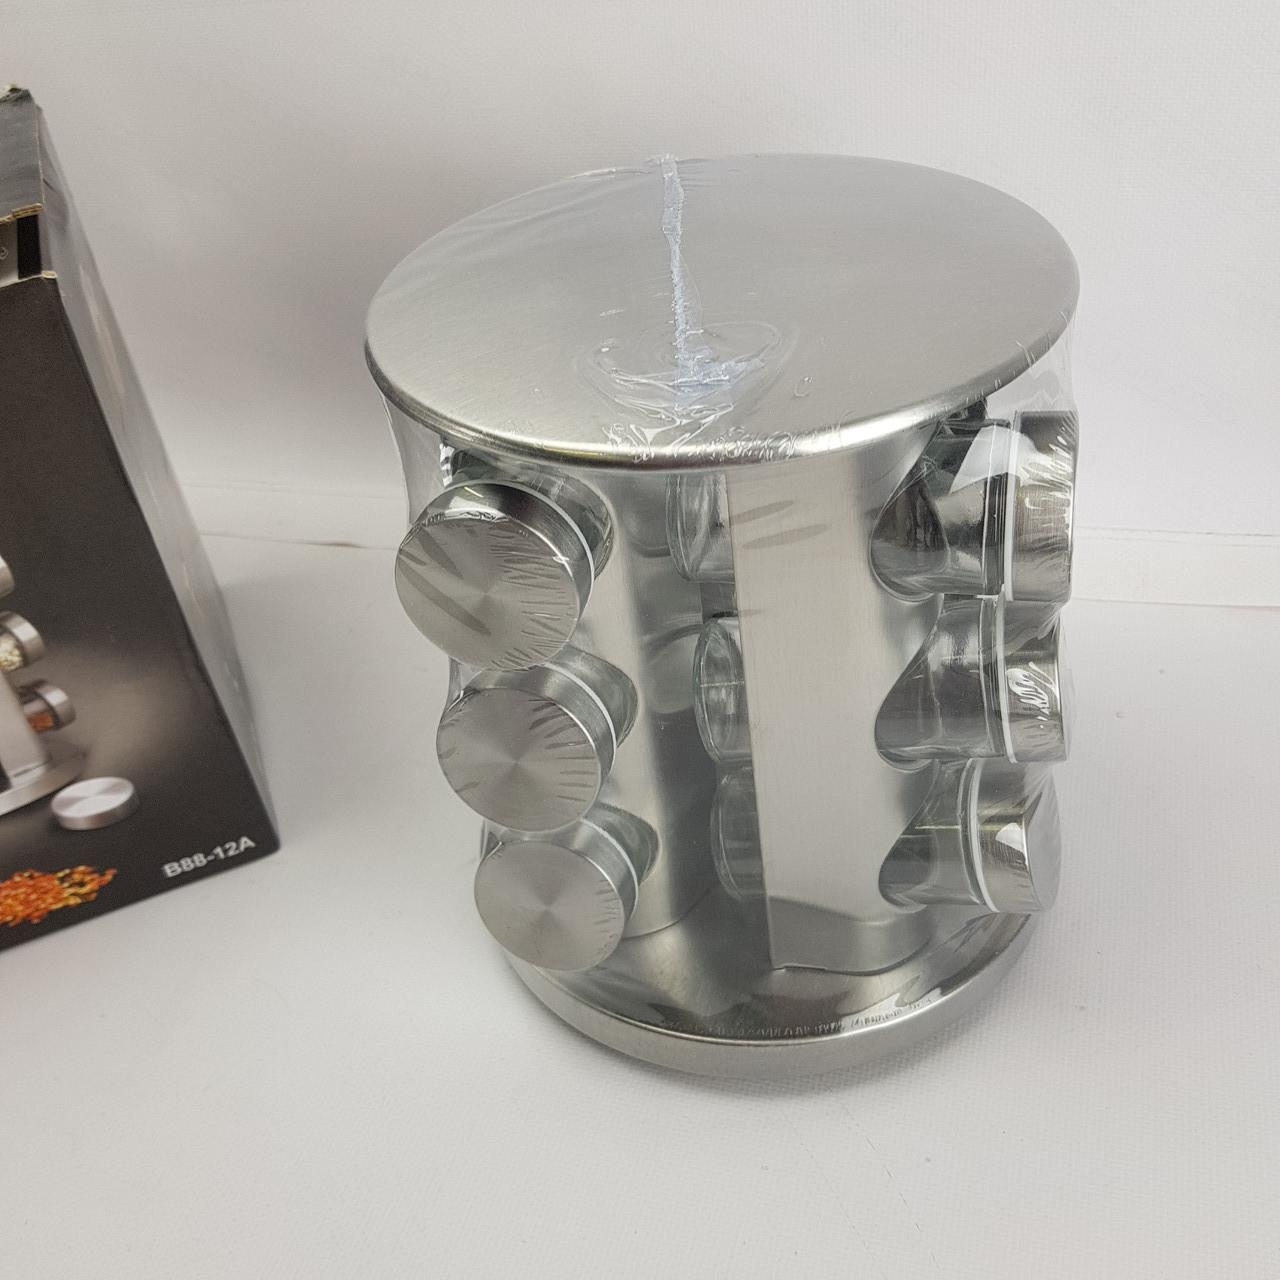 Набір банок для спецій на обертовій сталевий підставці карусель 12 шт Spice Carousel